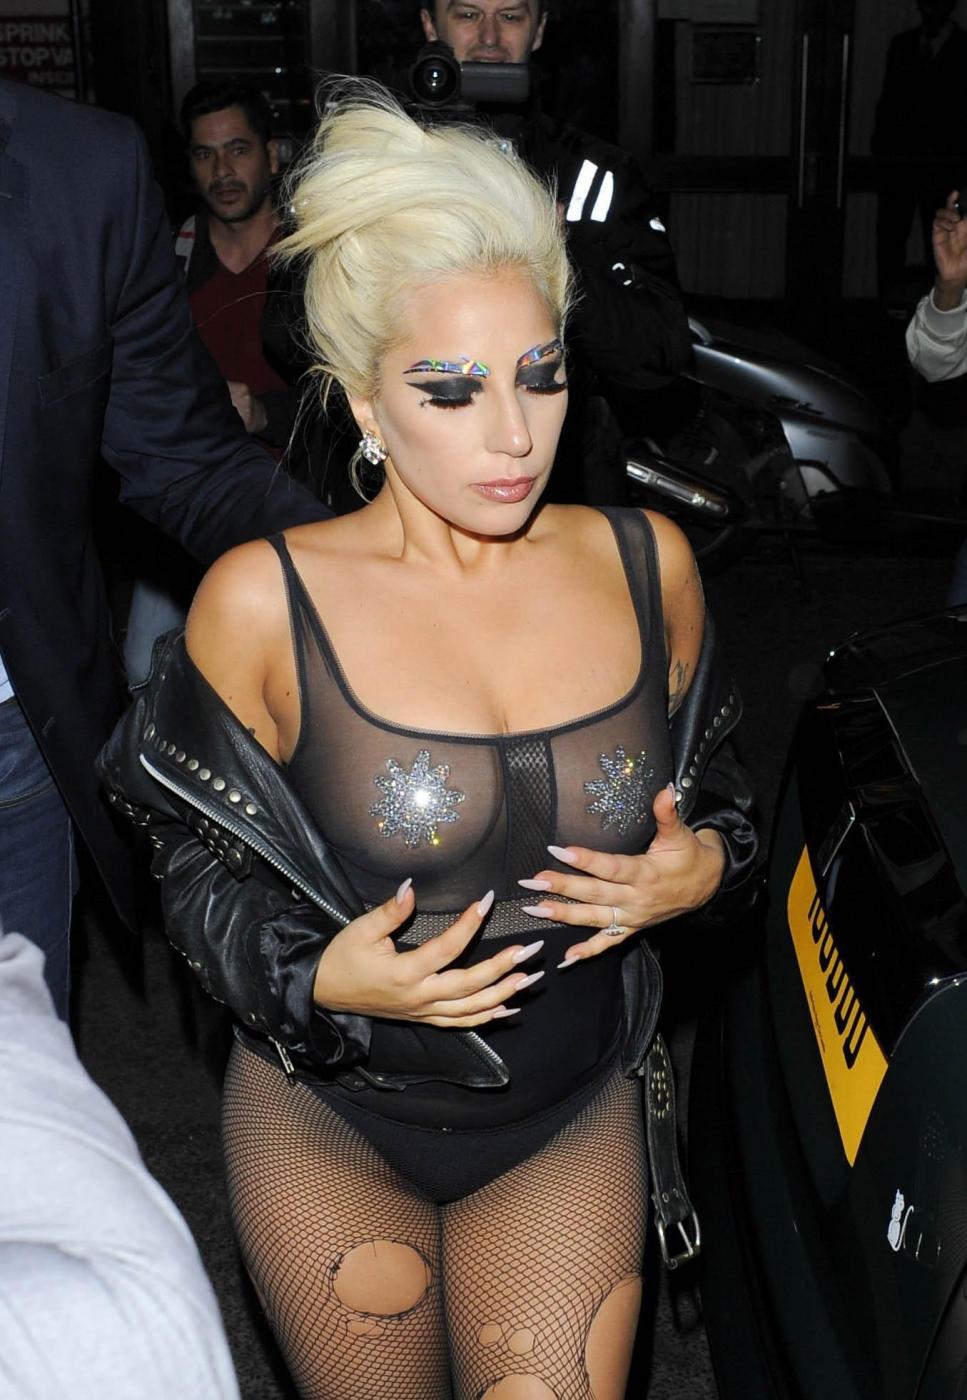 Lady Gaga, calze rotte e body trasparente in giro per Londra FOTO 4